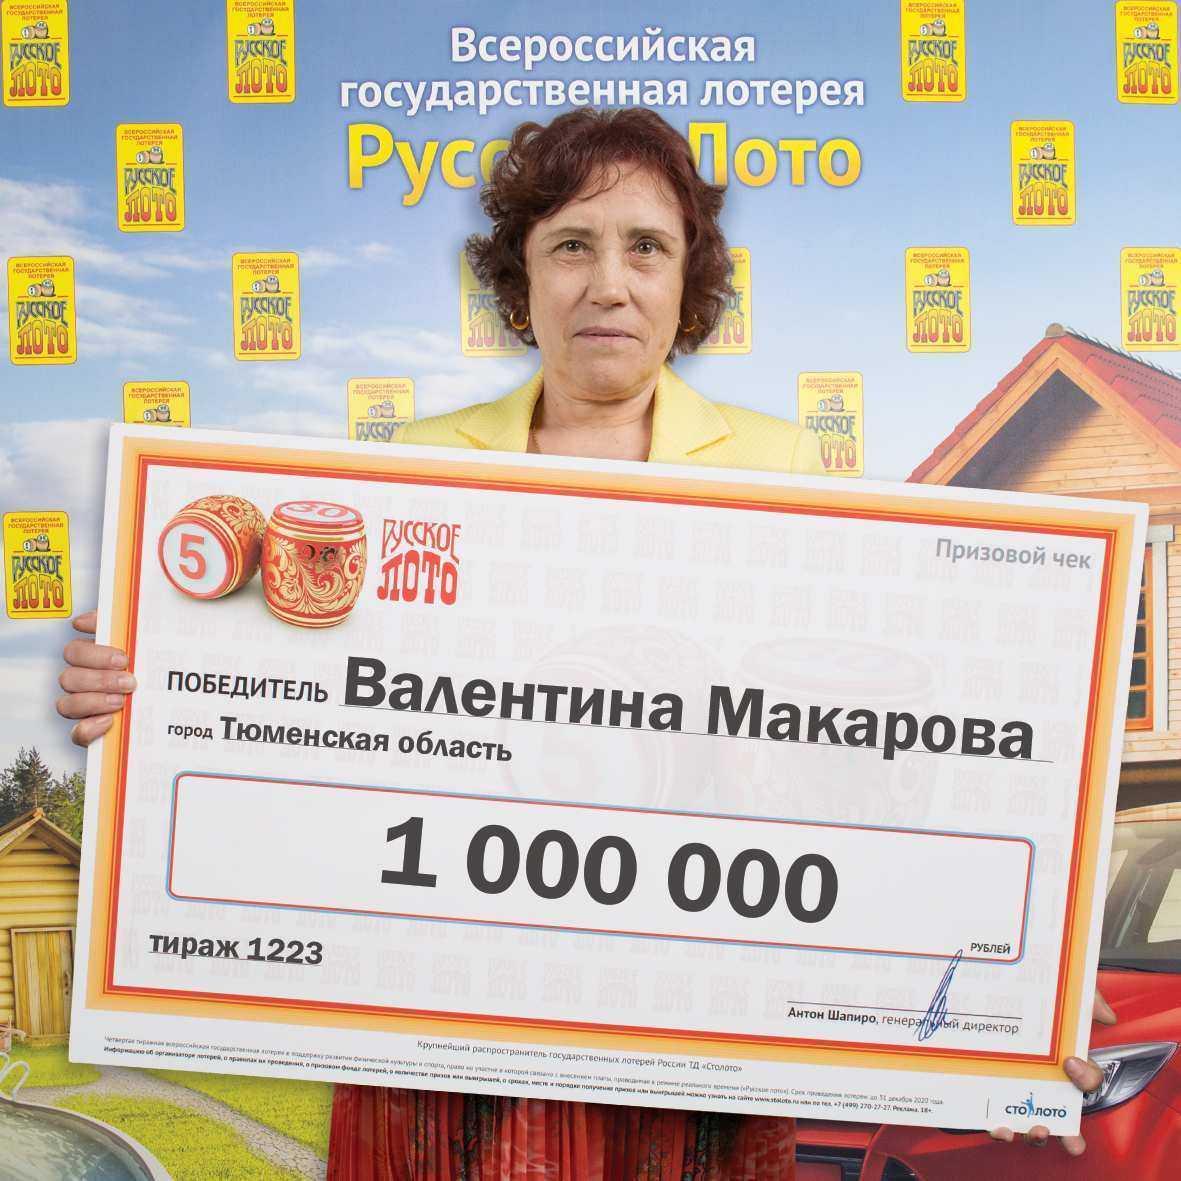 Лотерея «русское лото» - столото отзывы клиентов